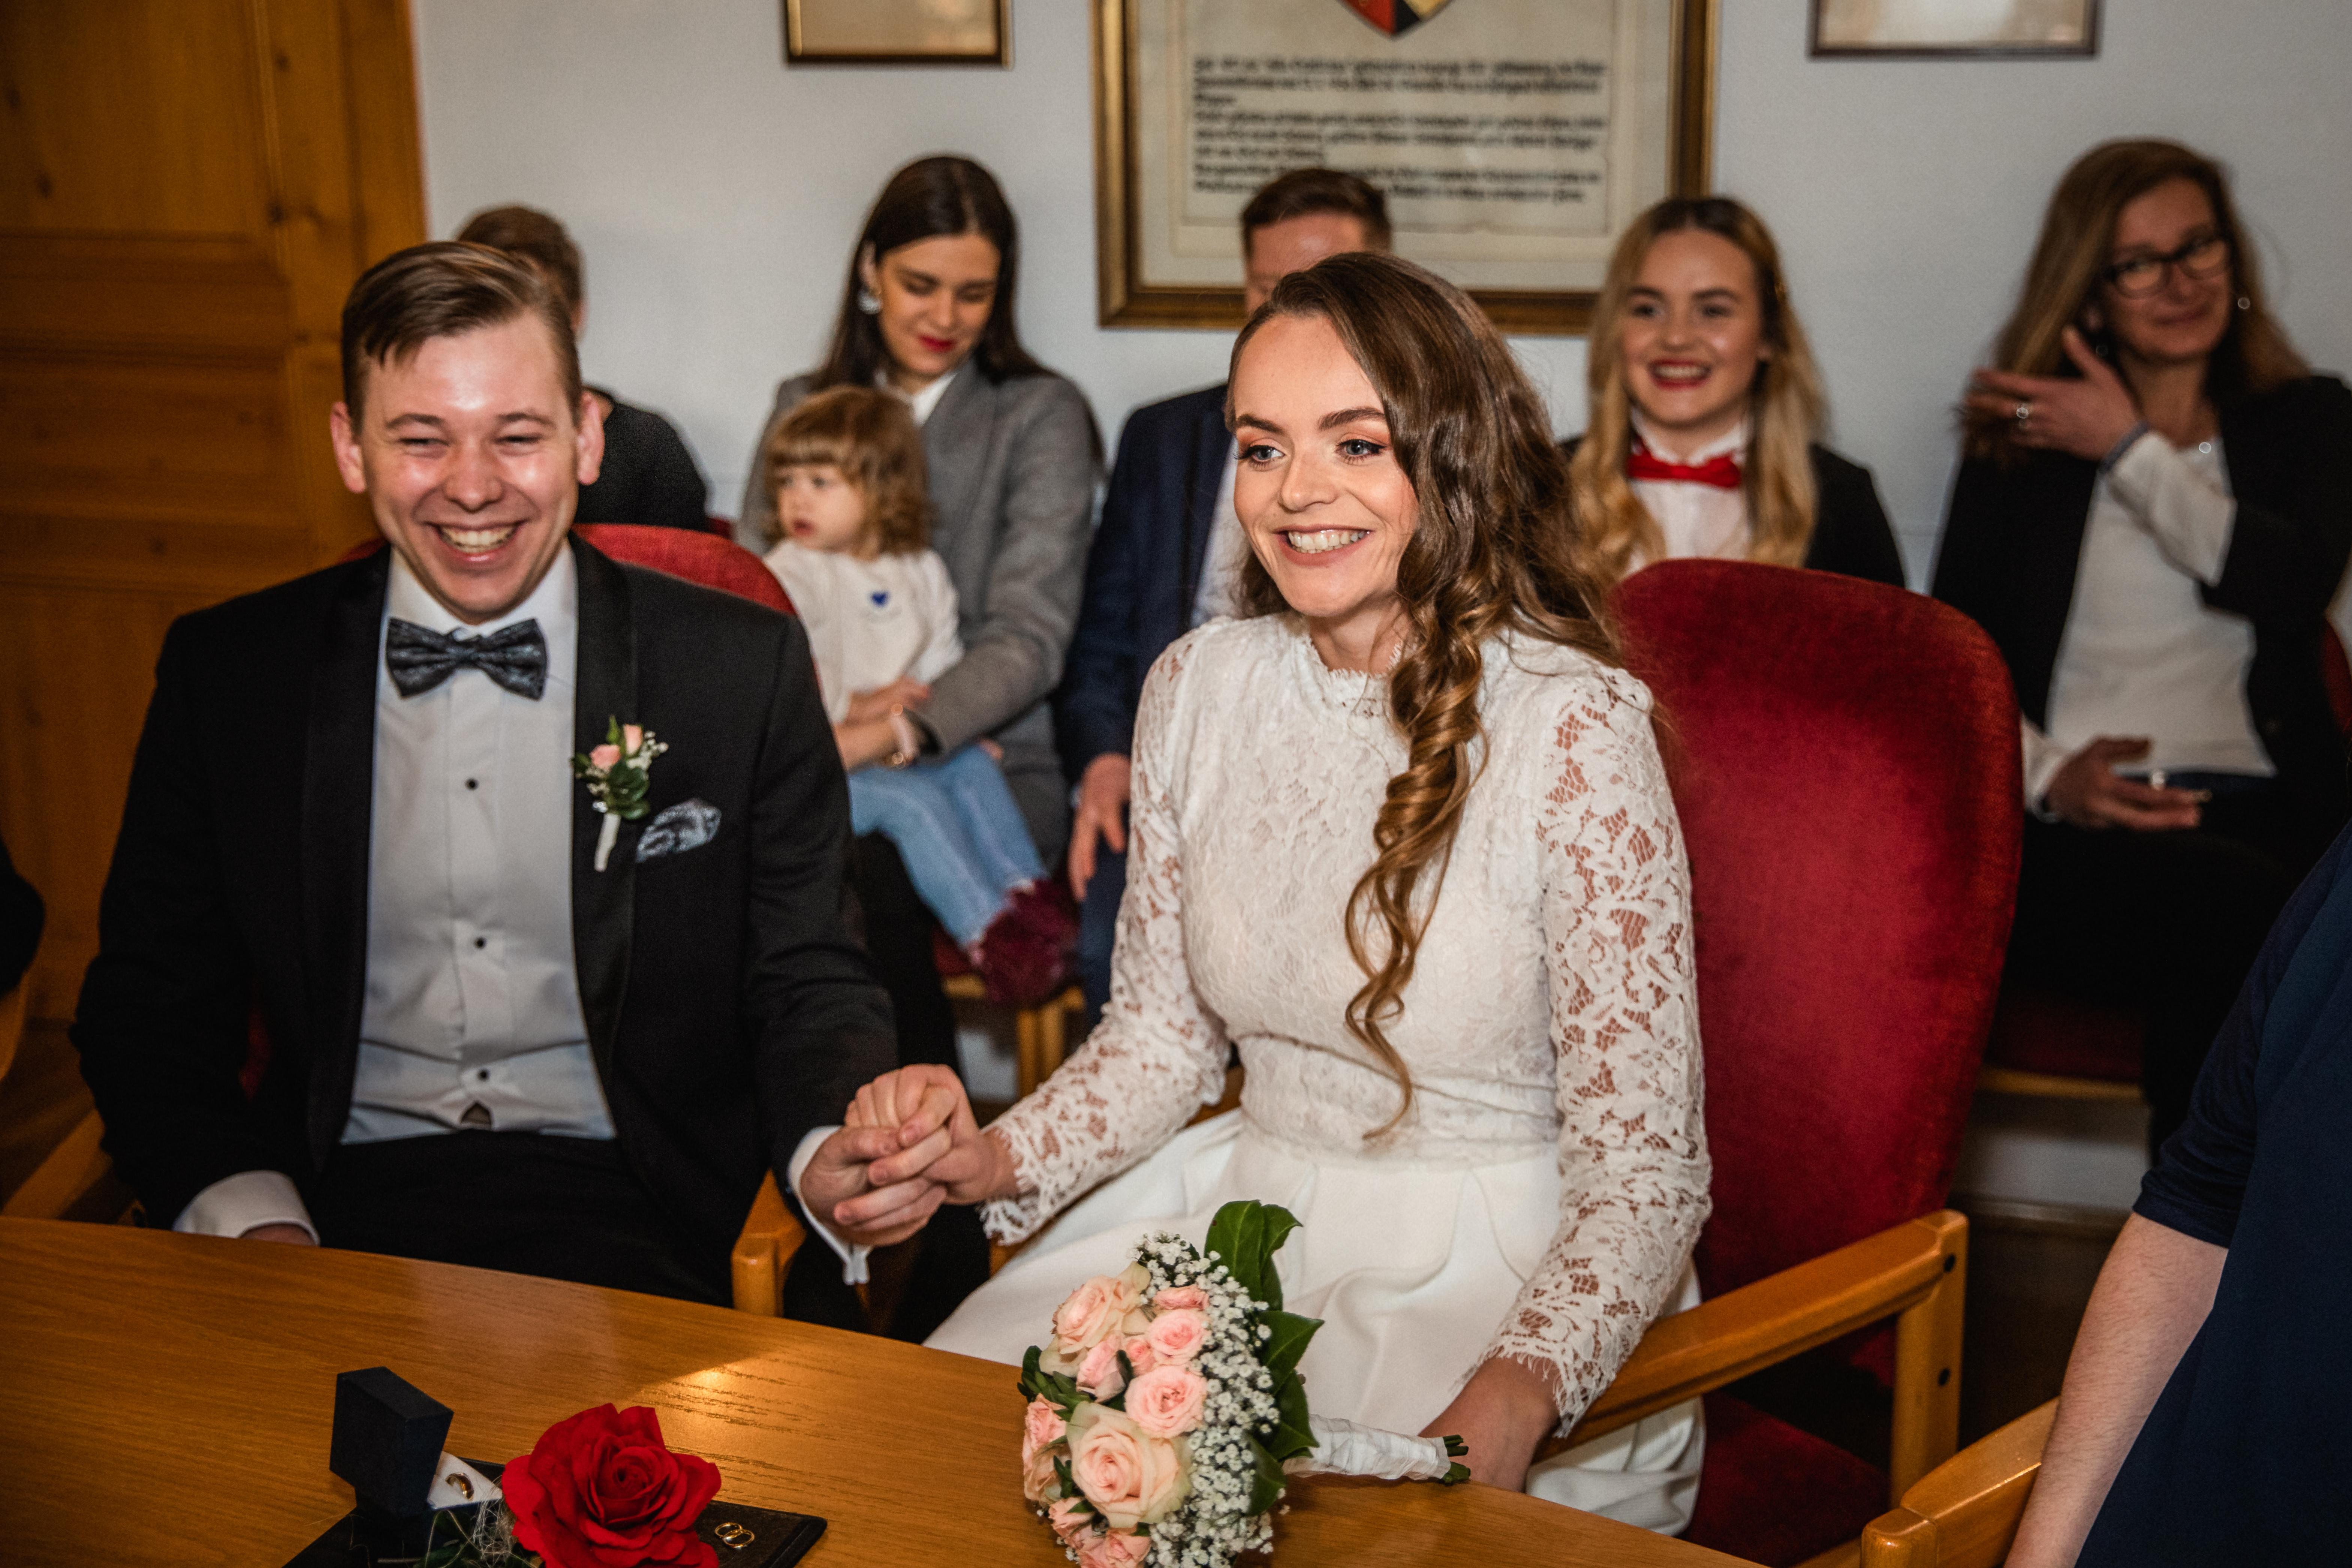 Hochzeitsfotograf-Grossgruendlach-Standesamt-Hallerschloss-Urbanerie-Stazija-und-Michael-015